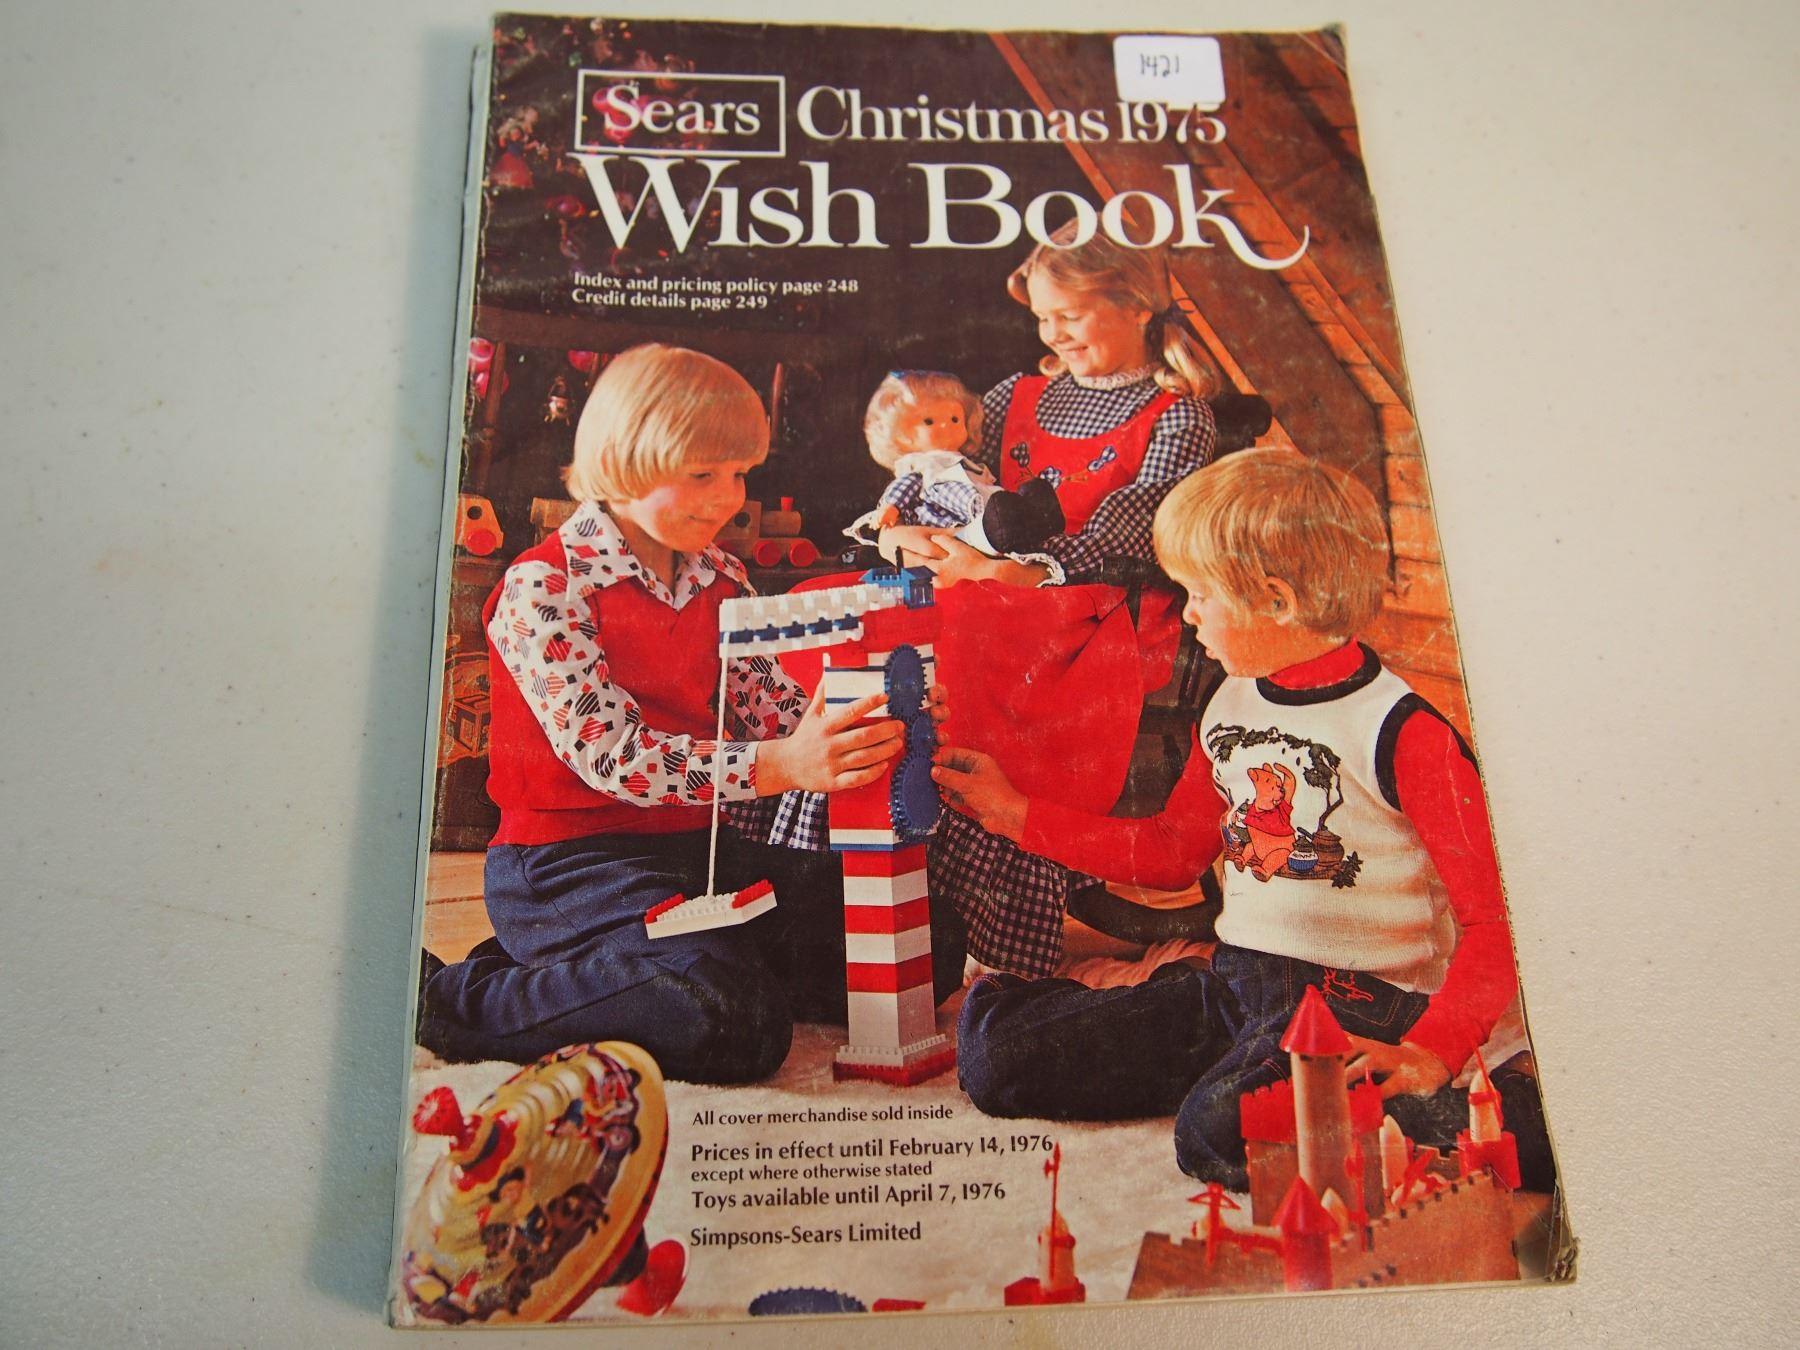 Sears Christmas Catalog.Sears Christmas 1975 Wish Book